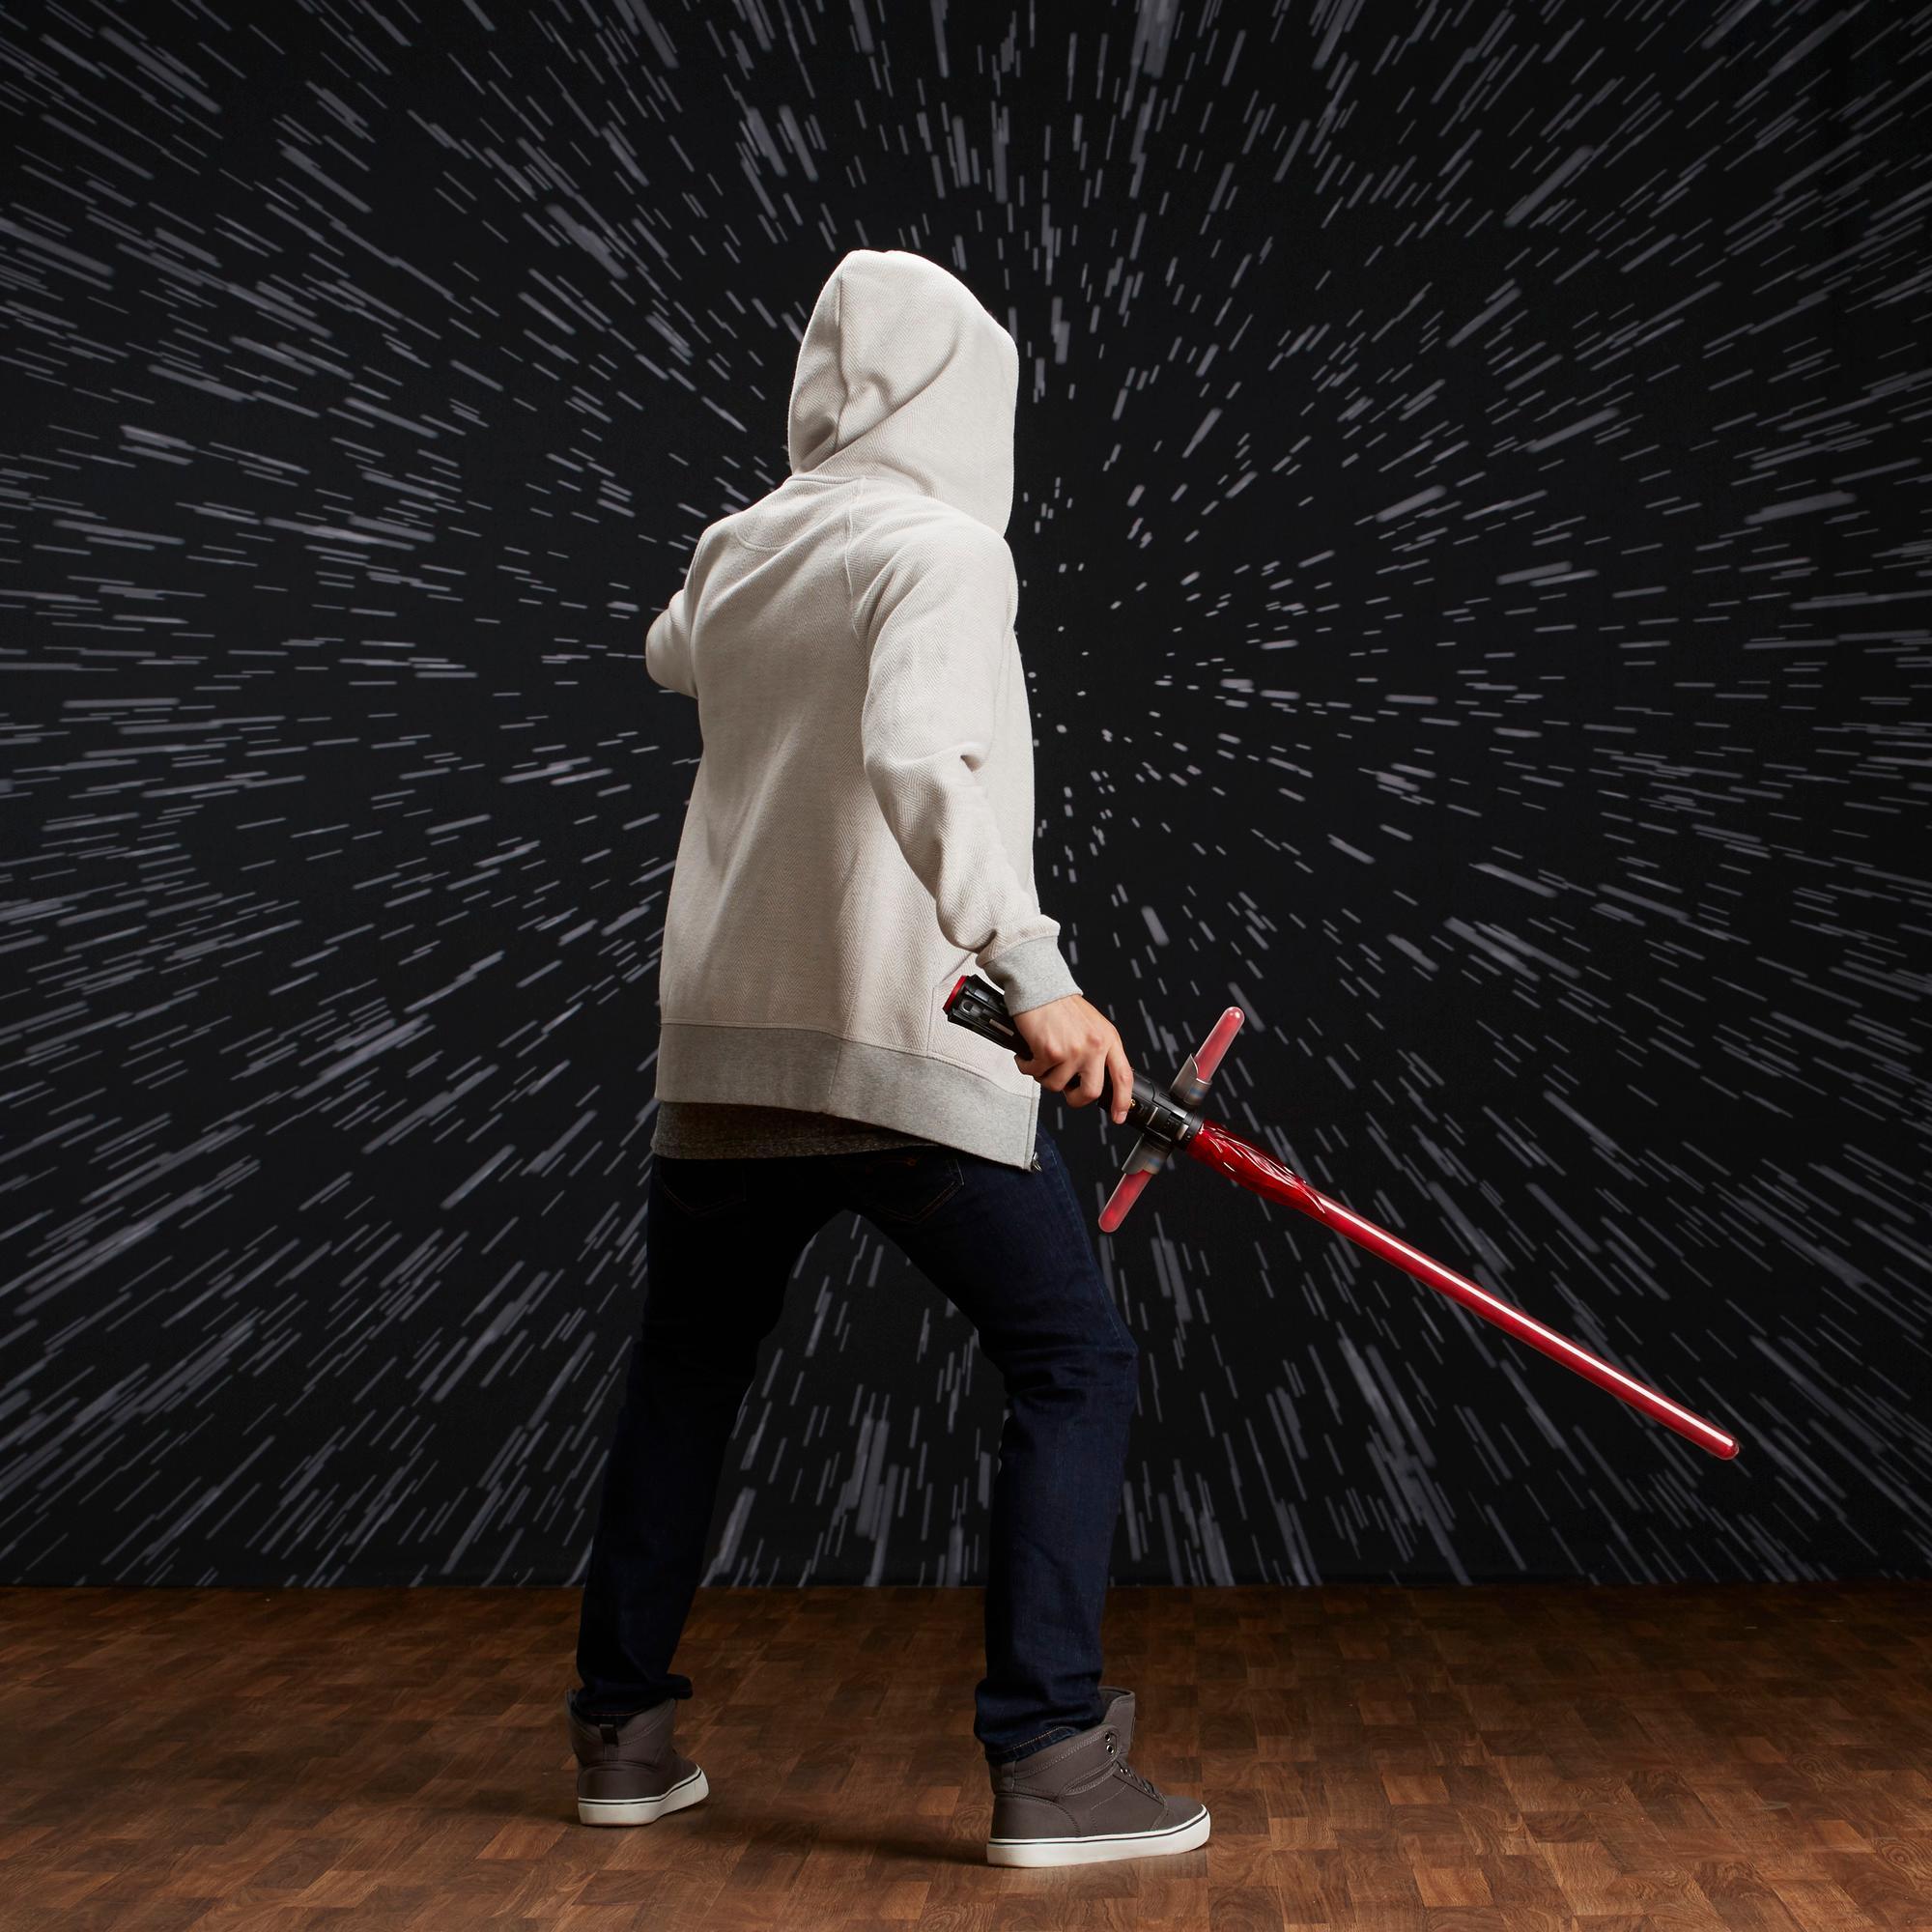 Star Wars Episode 8 Kylo Ren Ultimate FX Lichtschwert